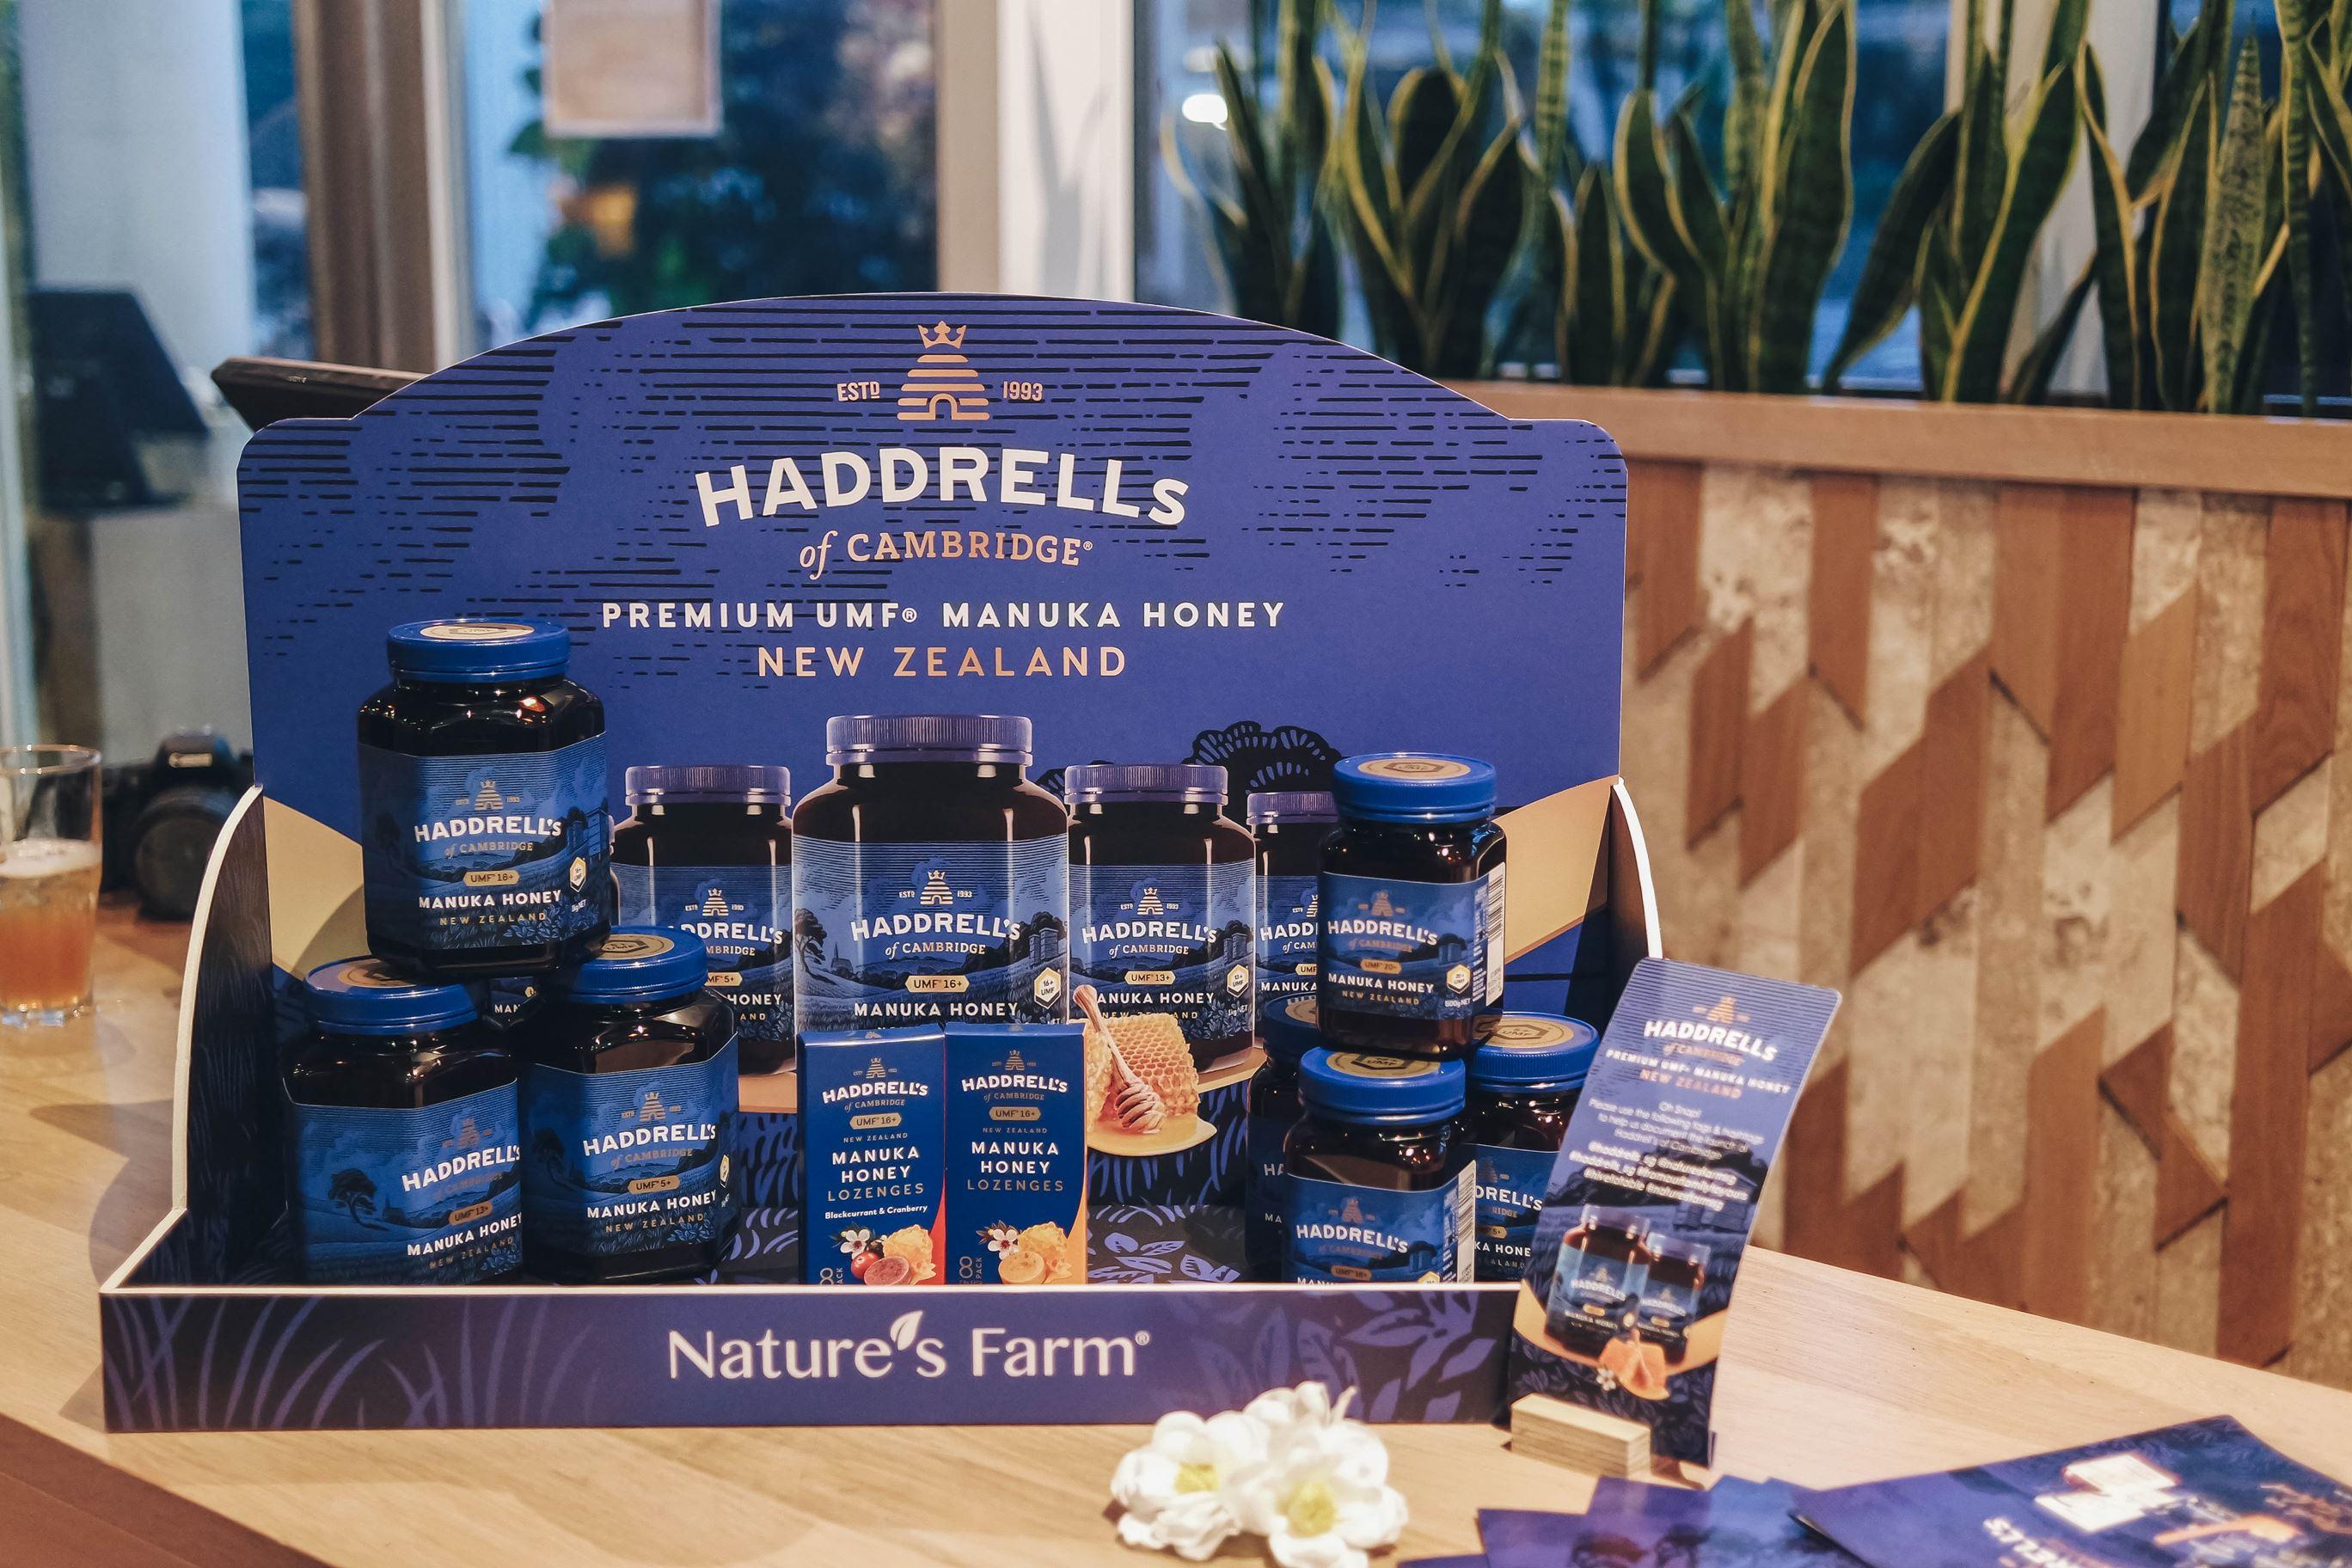 Haddrell's Manuka Honey